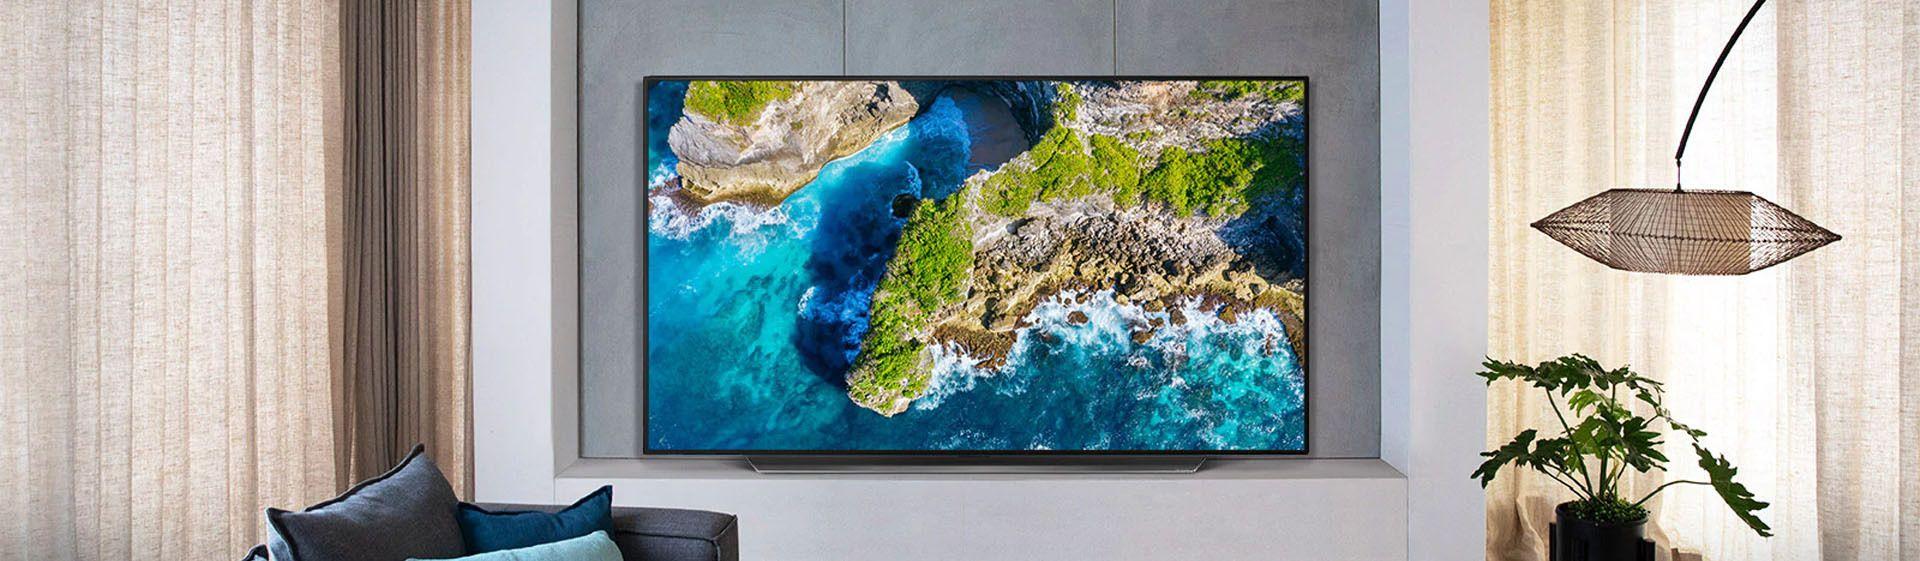 TVs LG 2021: LG CX lidera como melhor TV 4K do momento